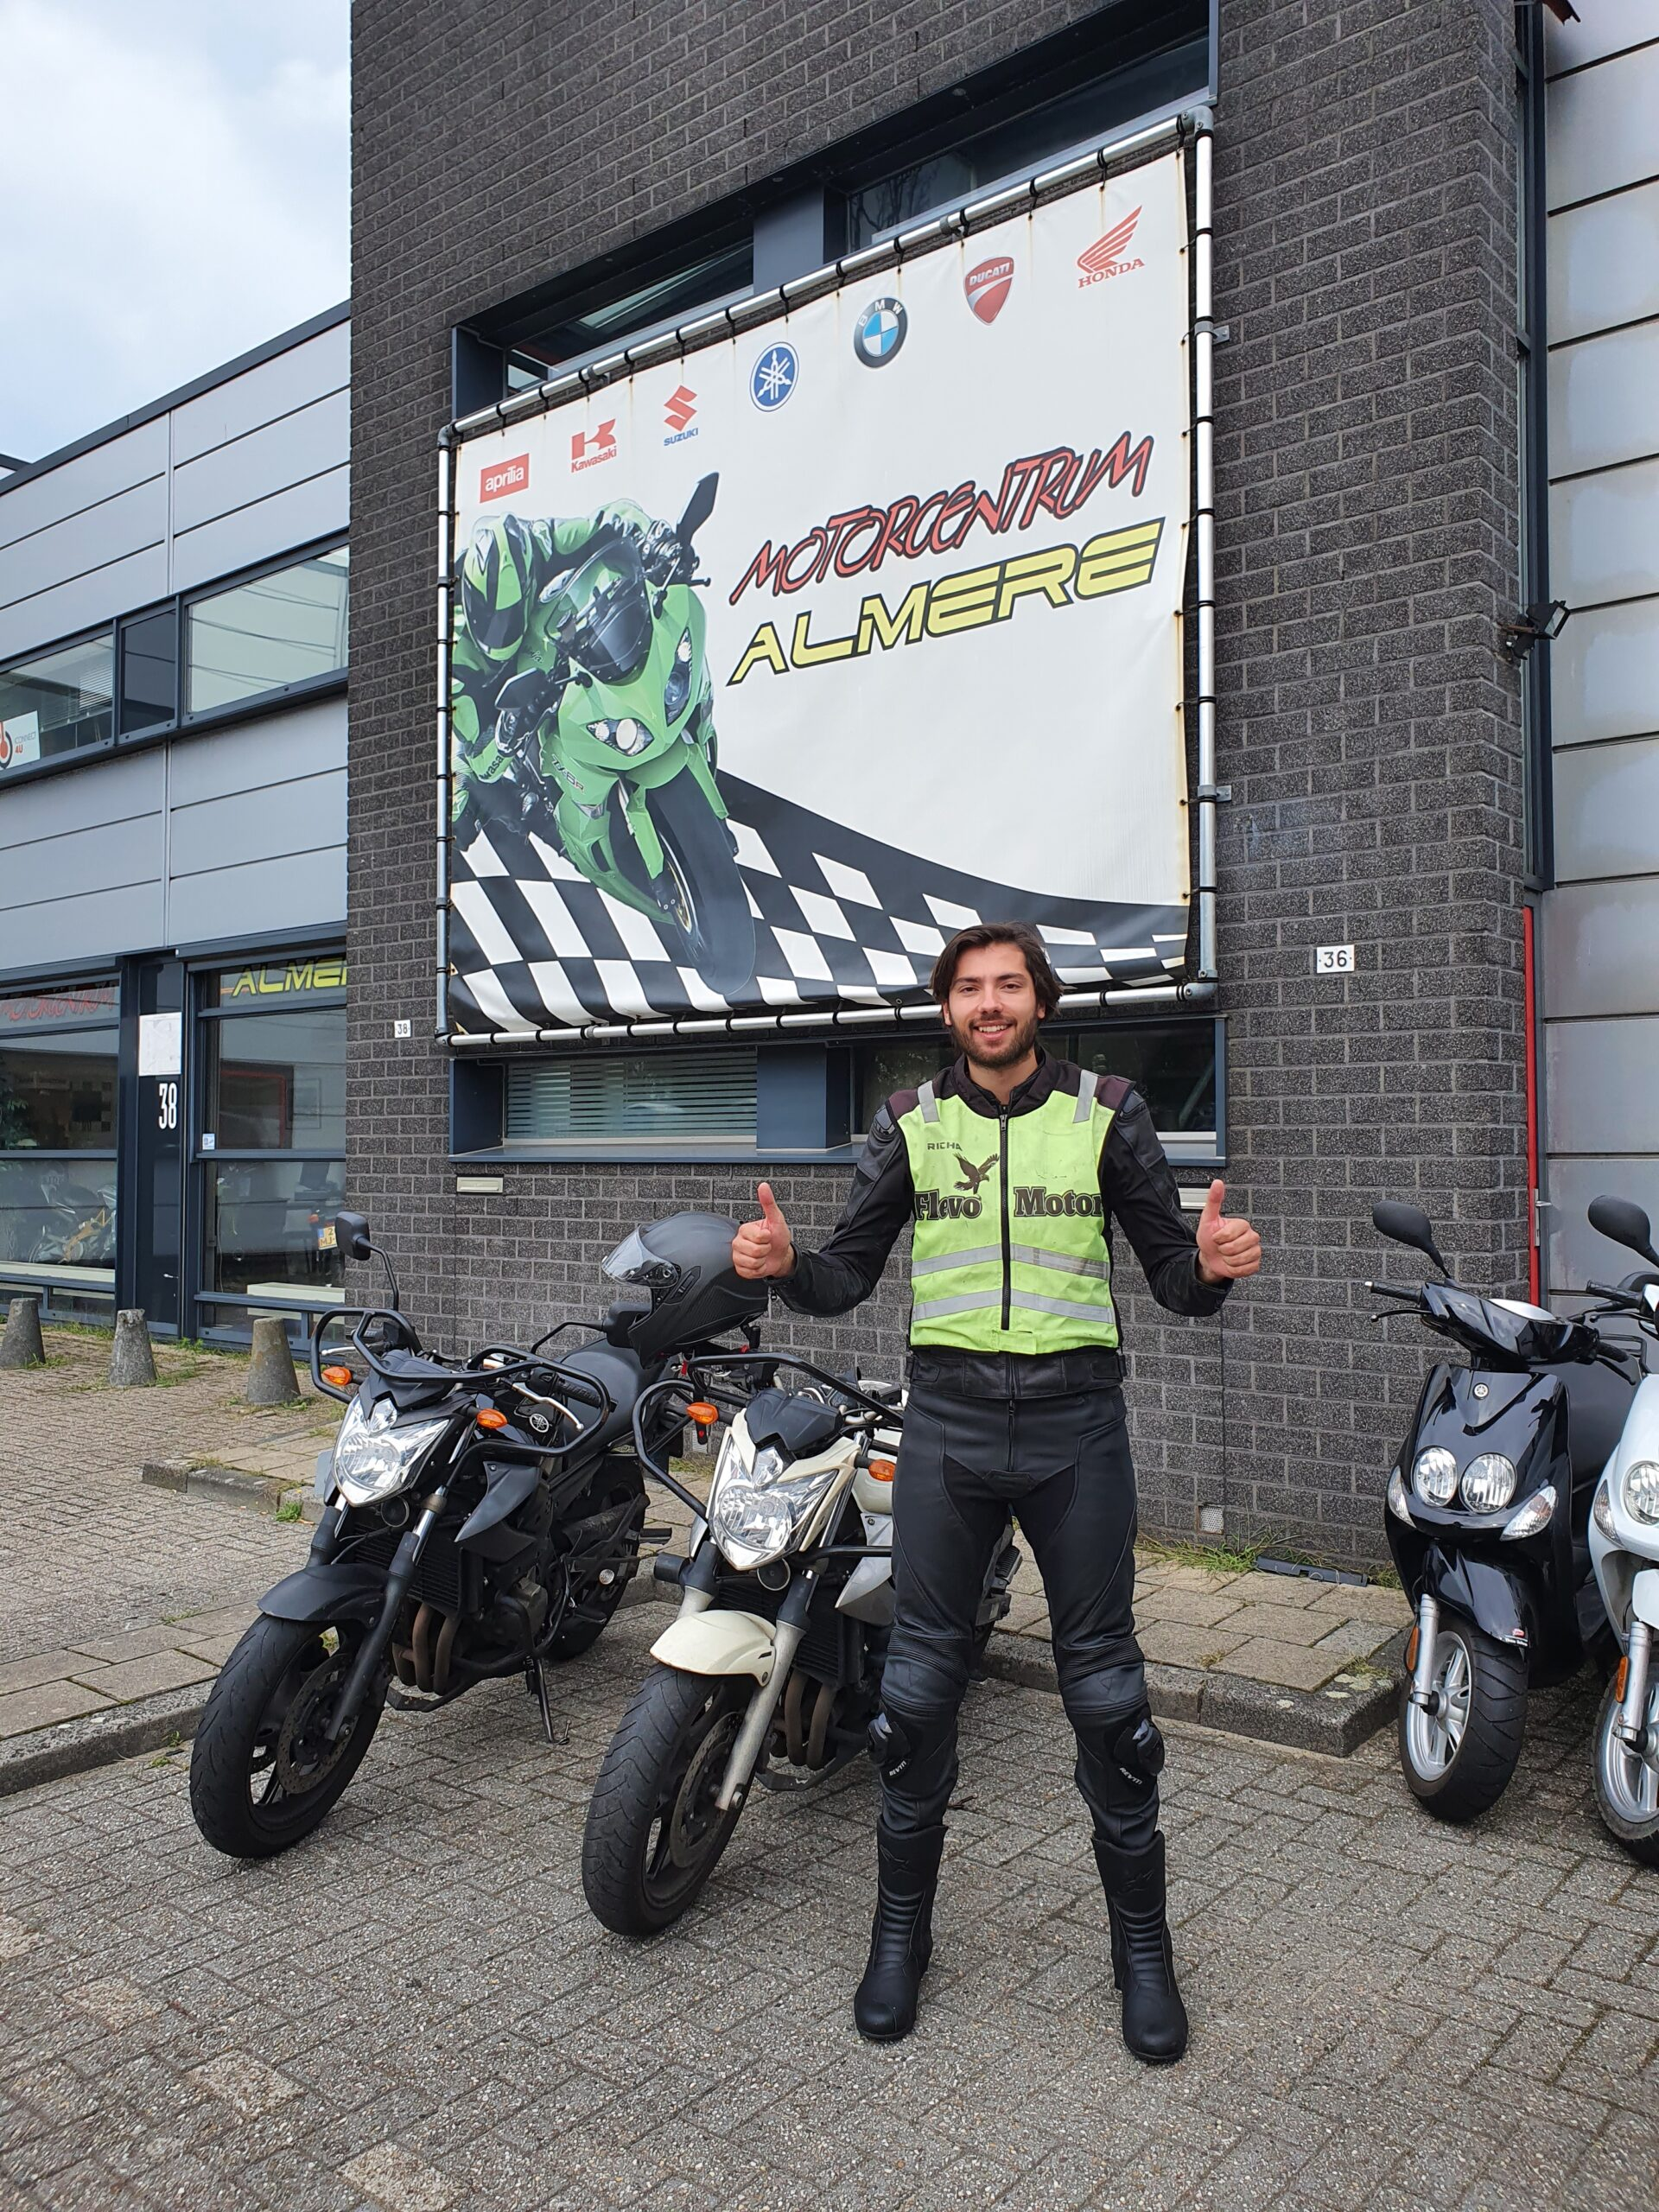 Bas uit Amsterdam ook bij FlevoMotor in een keer geslaagd voor zijn motorrijbewijs.